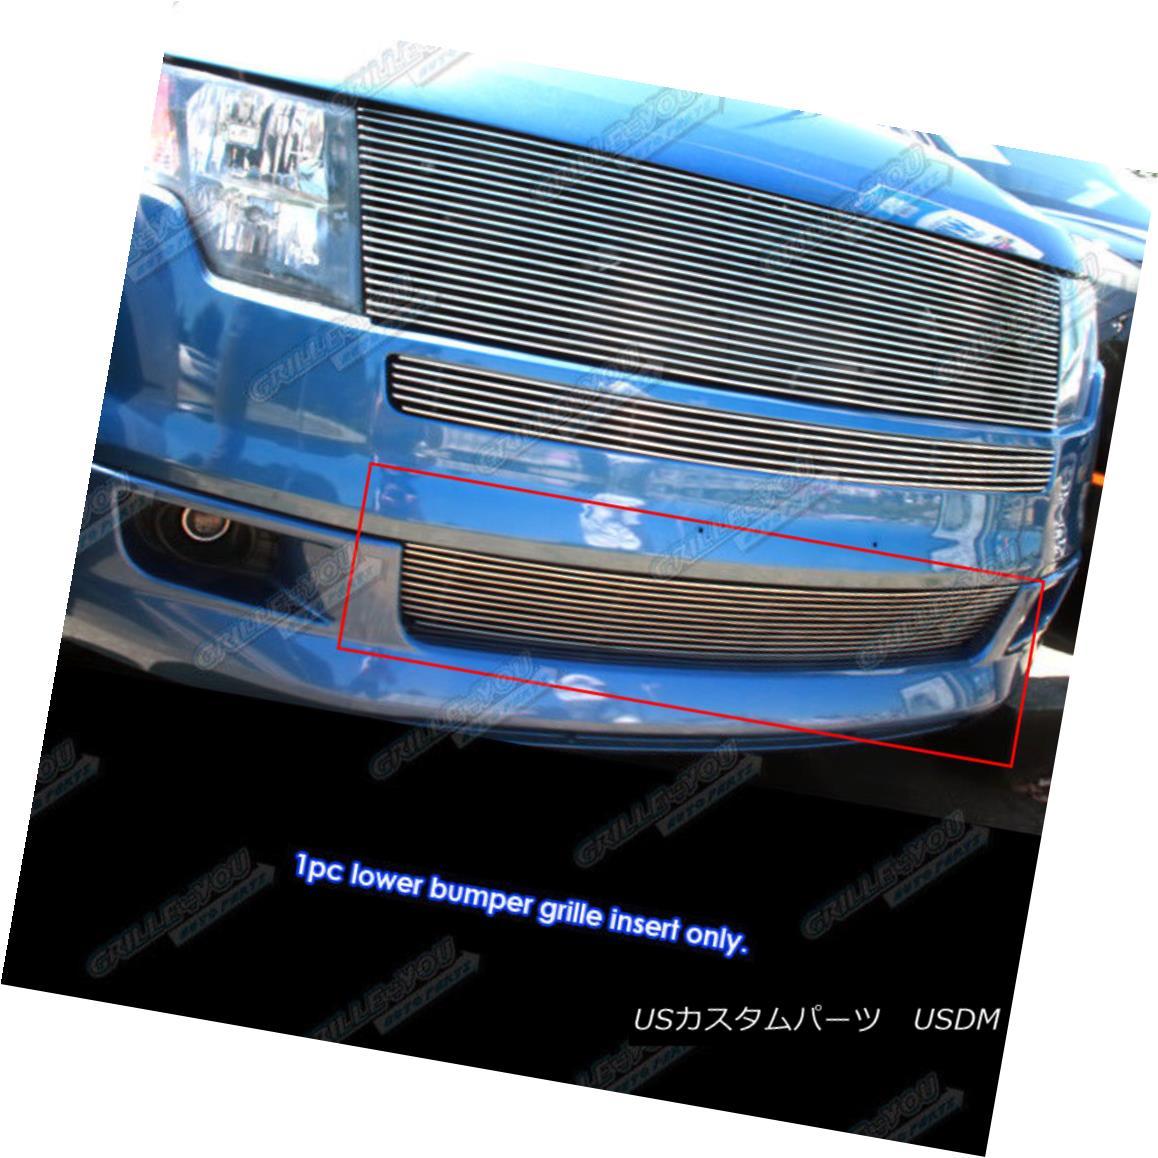 グリル Fits 2007-2010 Ford Edge Lower Lower Bumper Billet Grille Grill Inserts フィット2007年?2010年フォードエッジローワーバンパービレットグリルグリルインサート